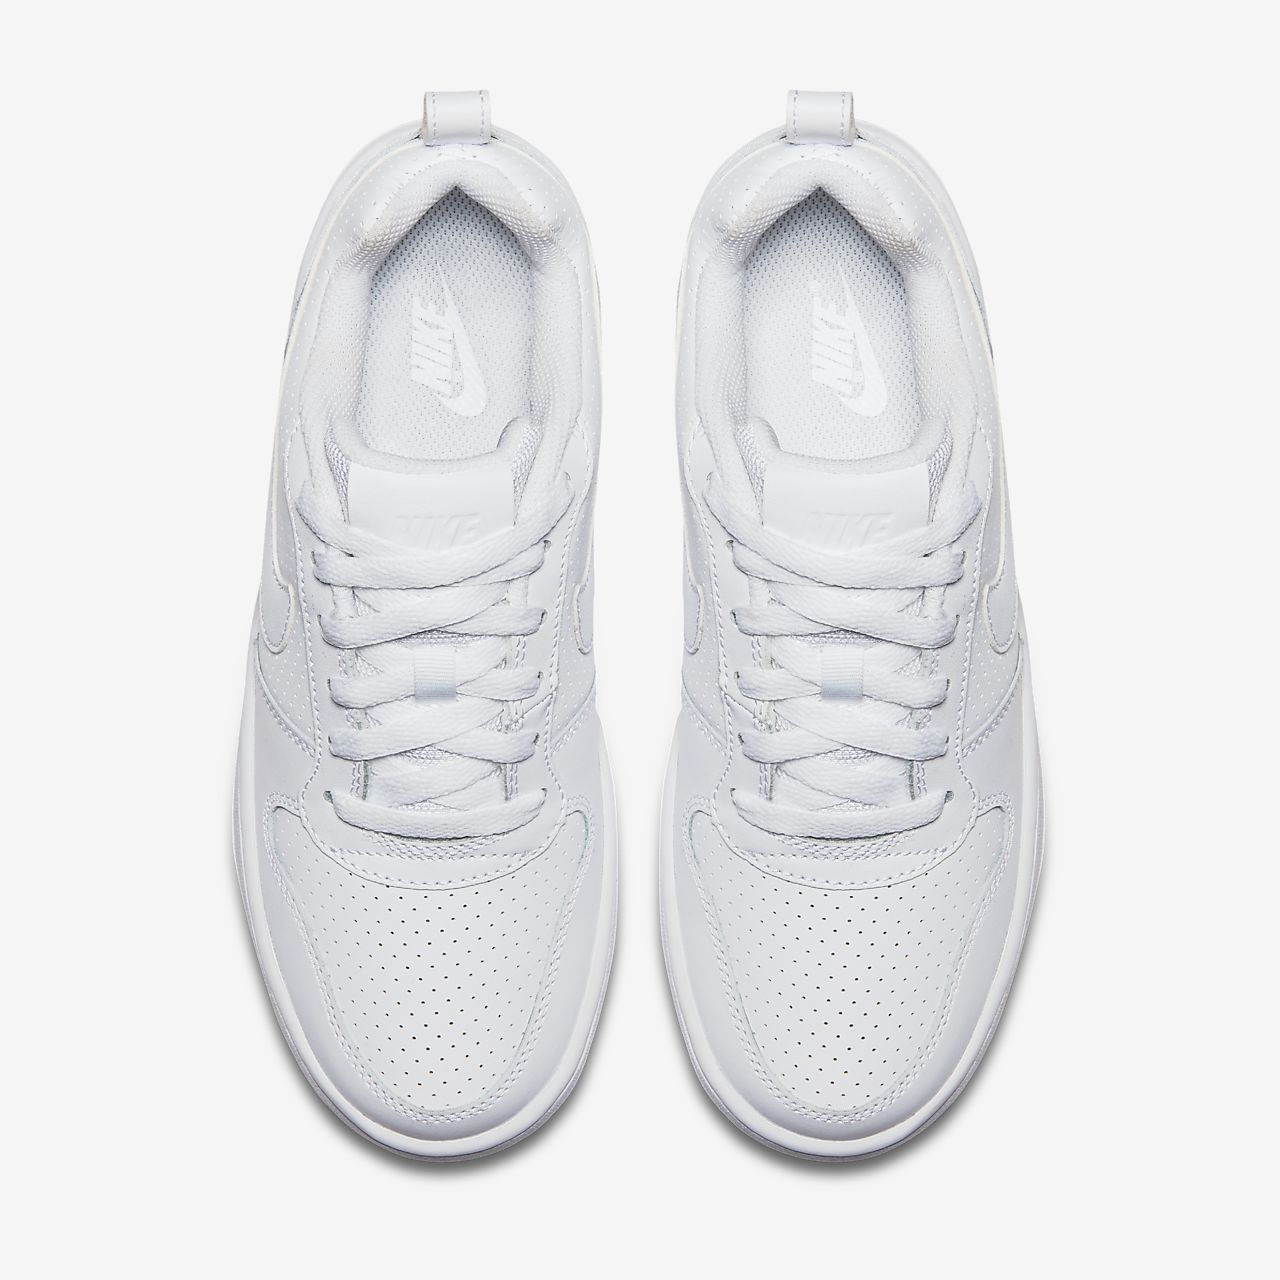 2cc46f6297 Nike Court Borough Low Women's Shoe. Nike.com GB